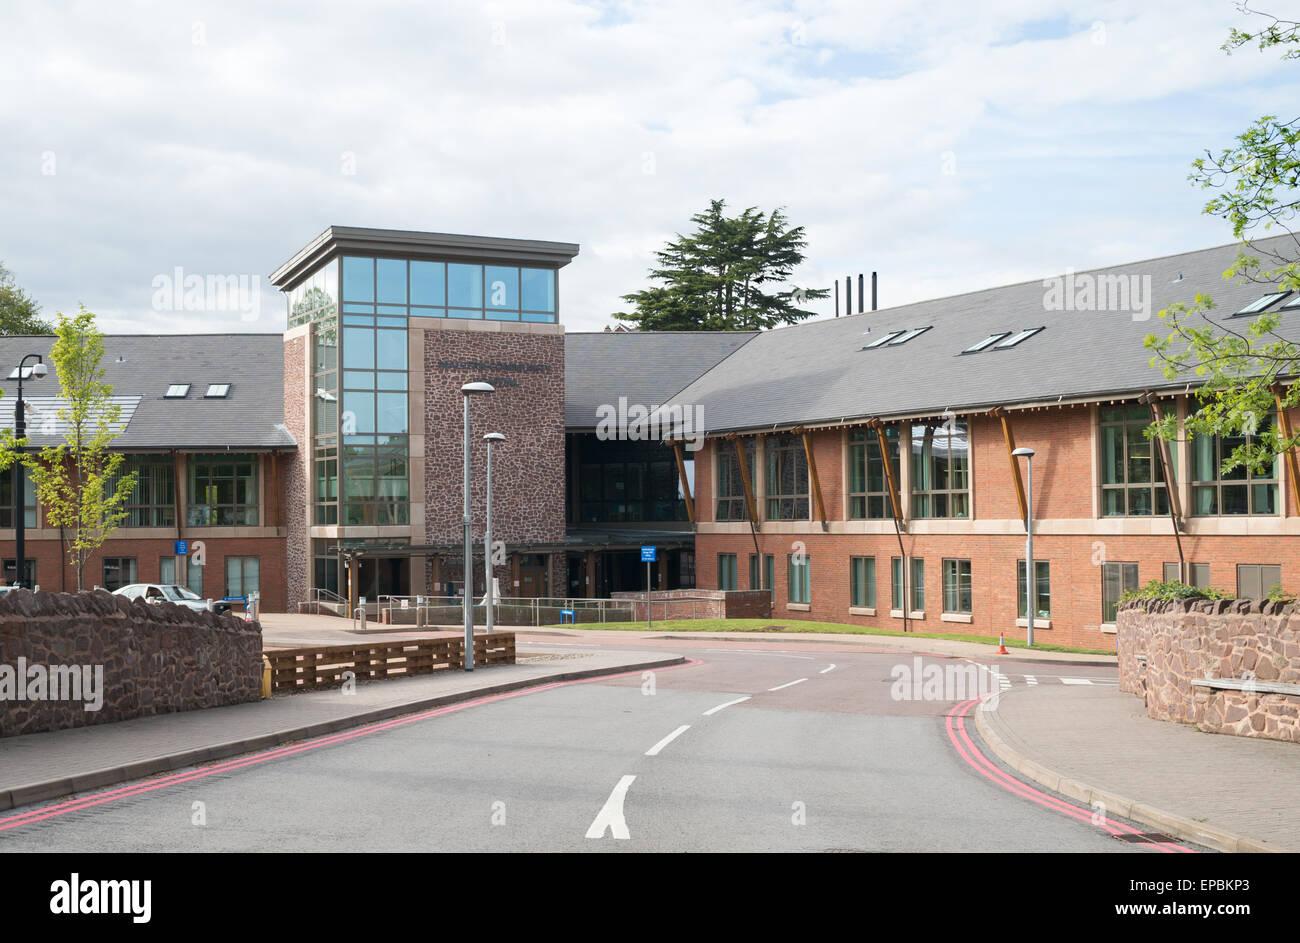 Malvern community hospital , Worcestershire, England, UK - Stock Image